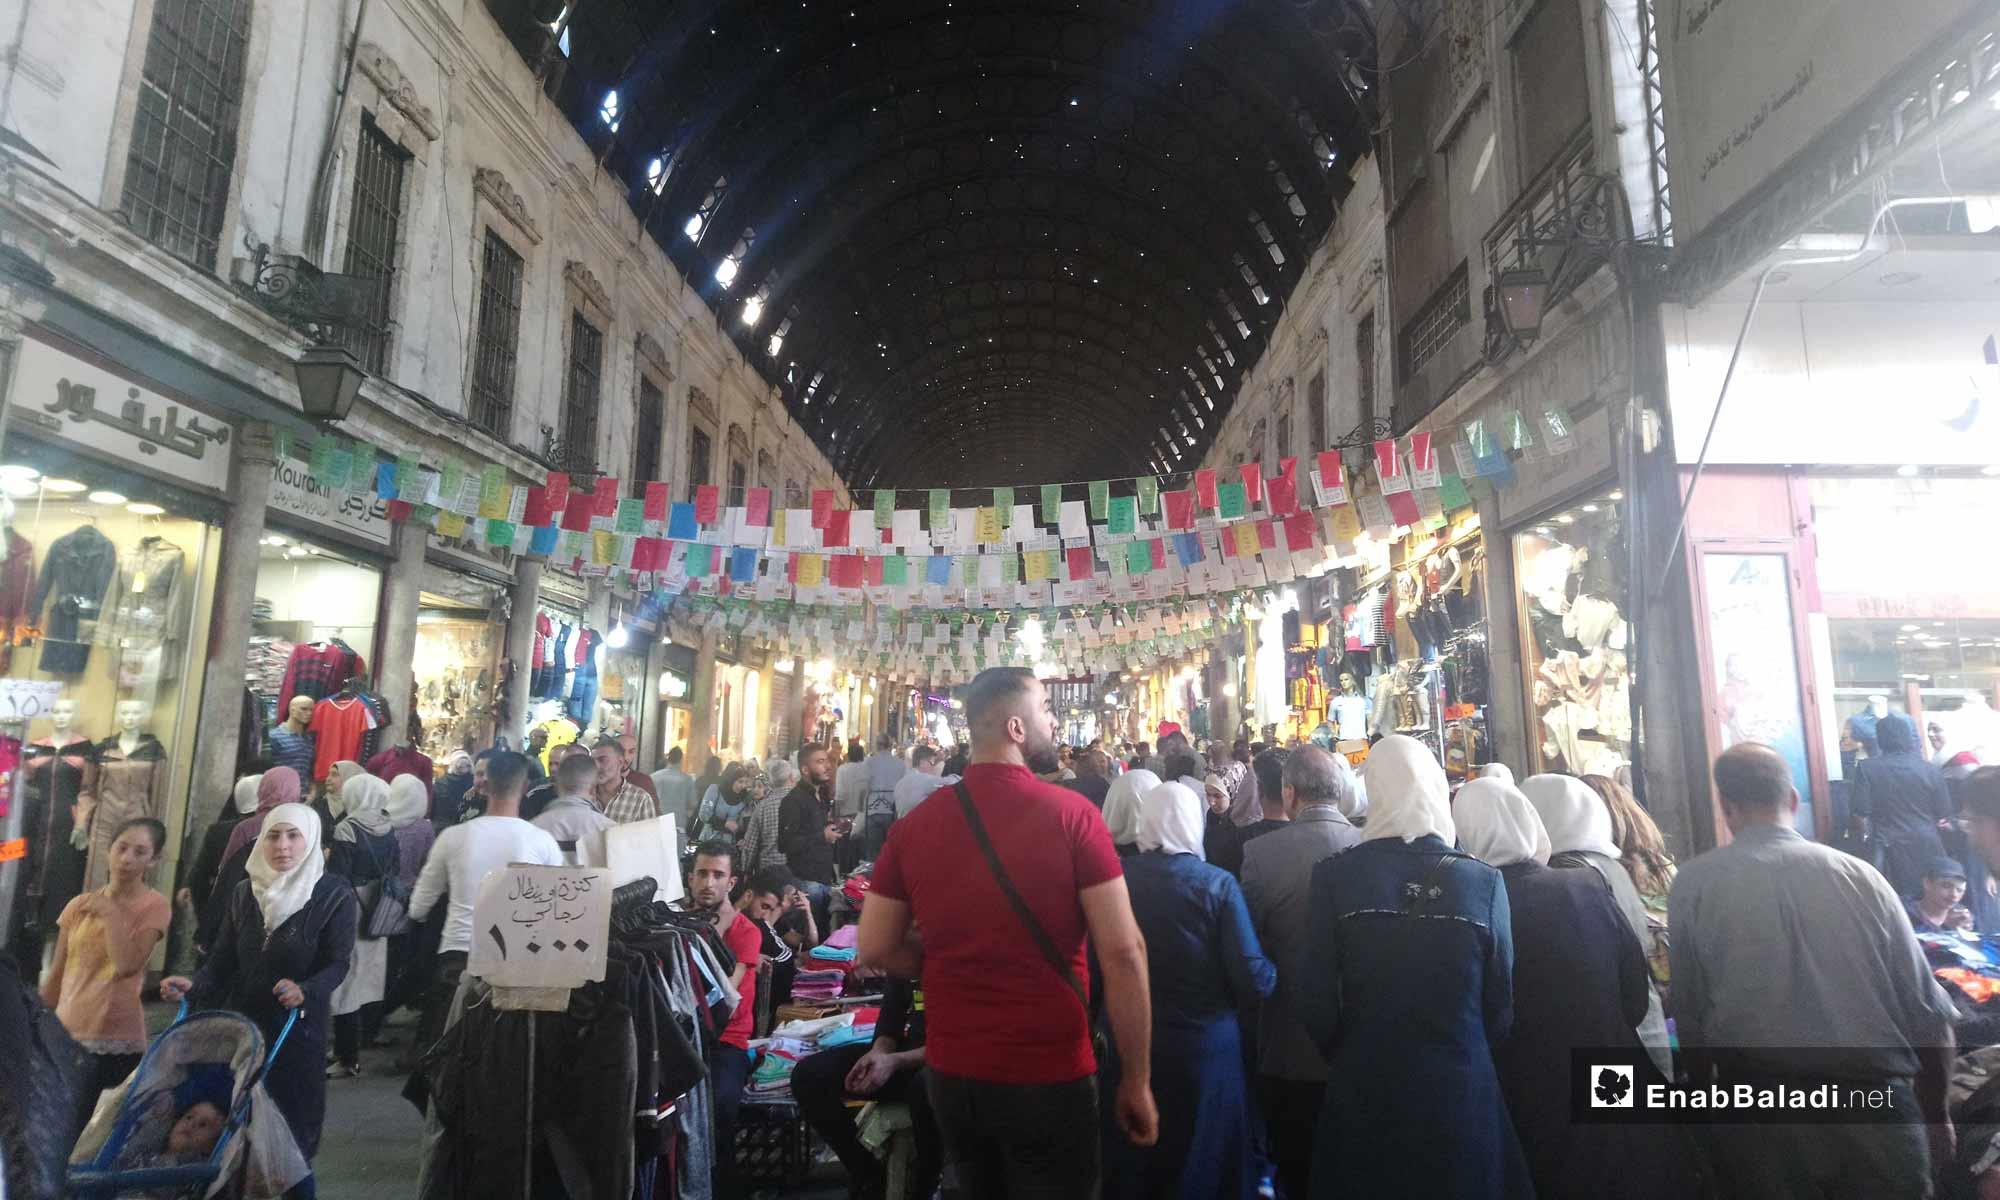 أجواء رمضان في أسواق دمشق - 5 من آيار 2019 (عنب بلدي)